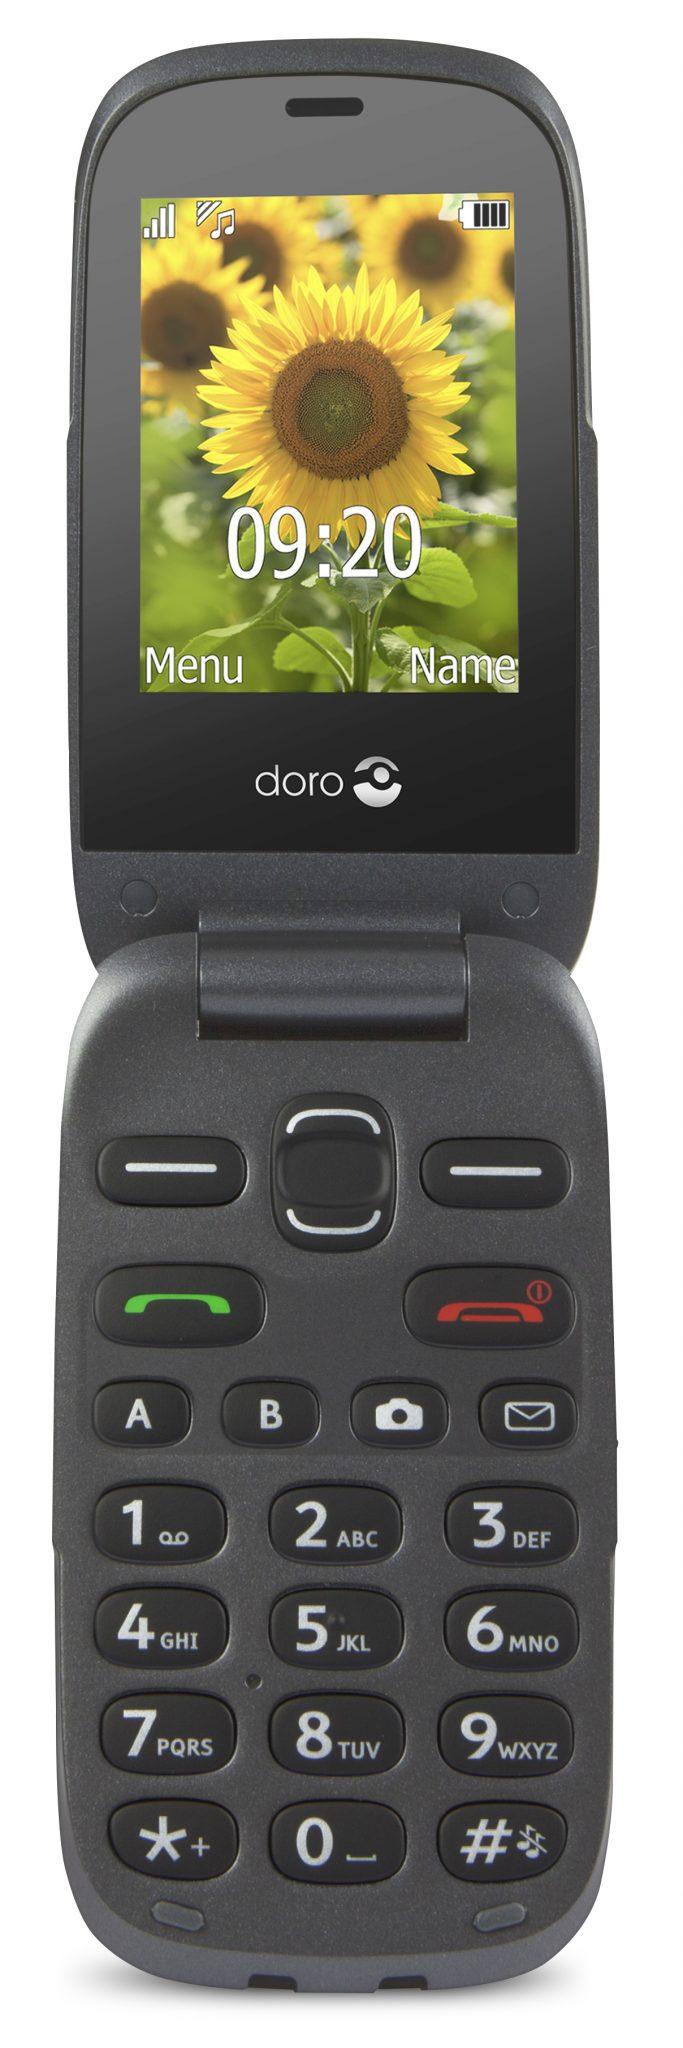 0Doro 6030 graphite graphite front - Feature phone con funzionalità semplificate: ecco Doro 6030